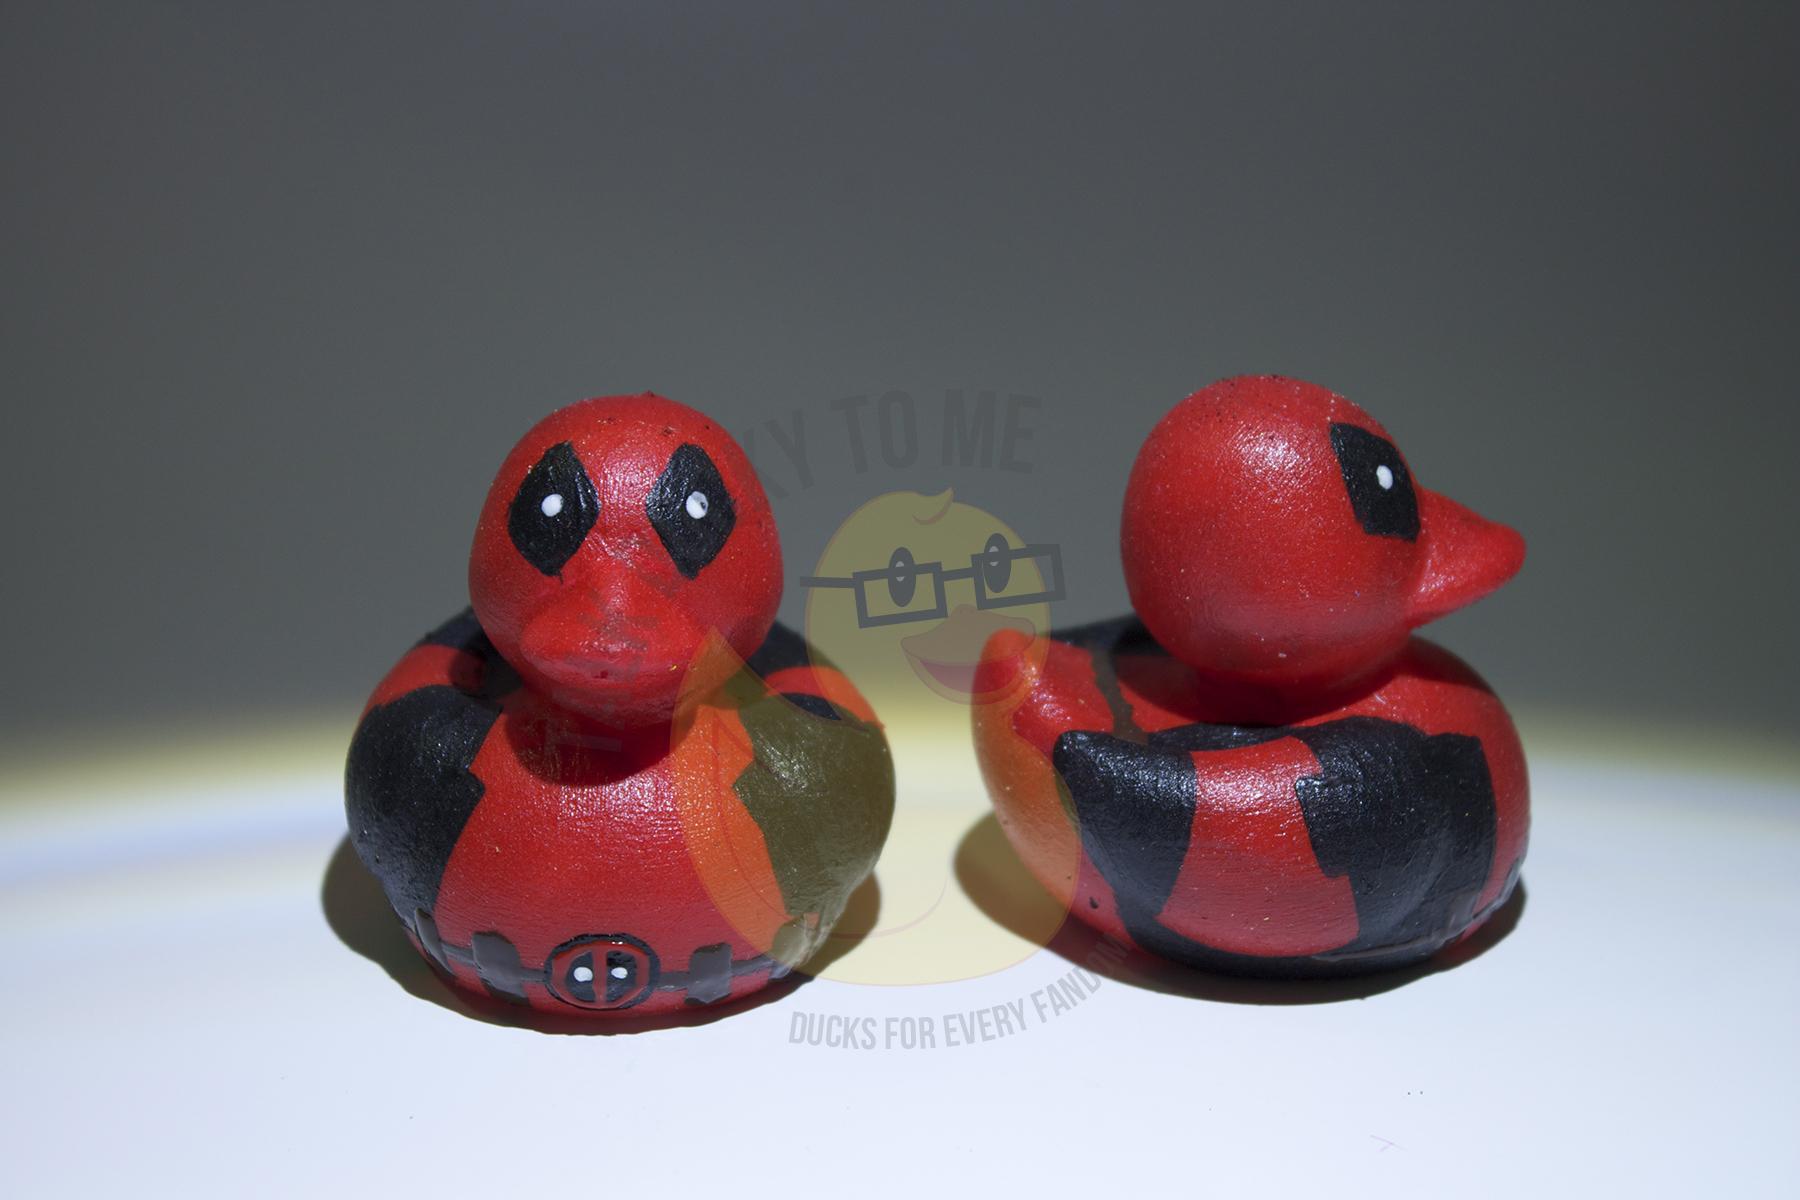 Deadpool Rubber Duck On Storenvy